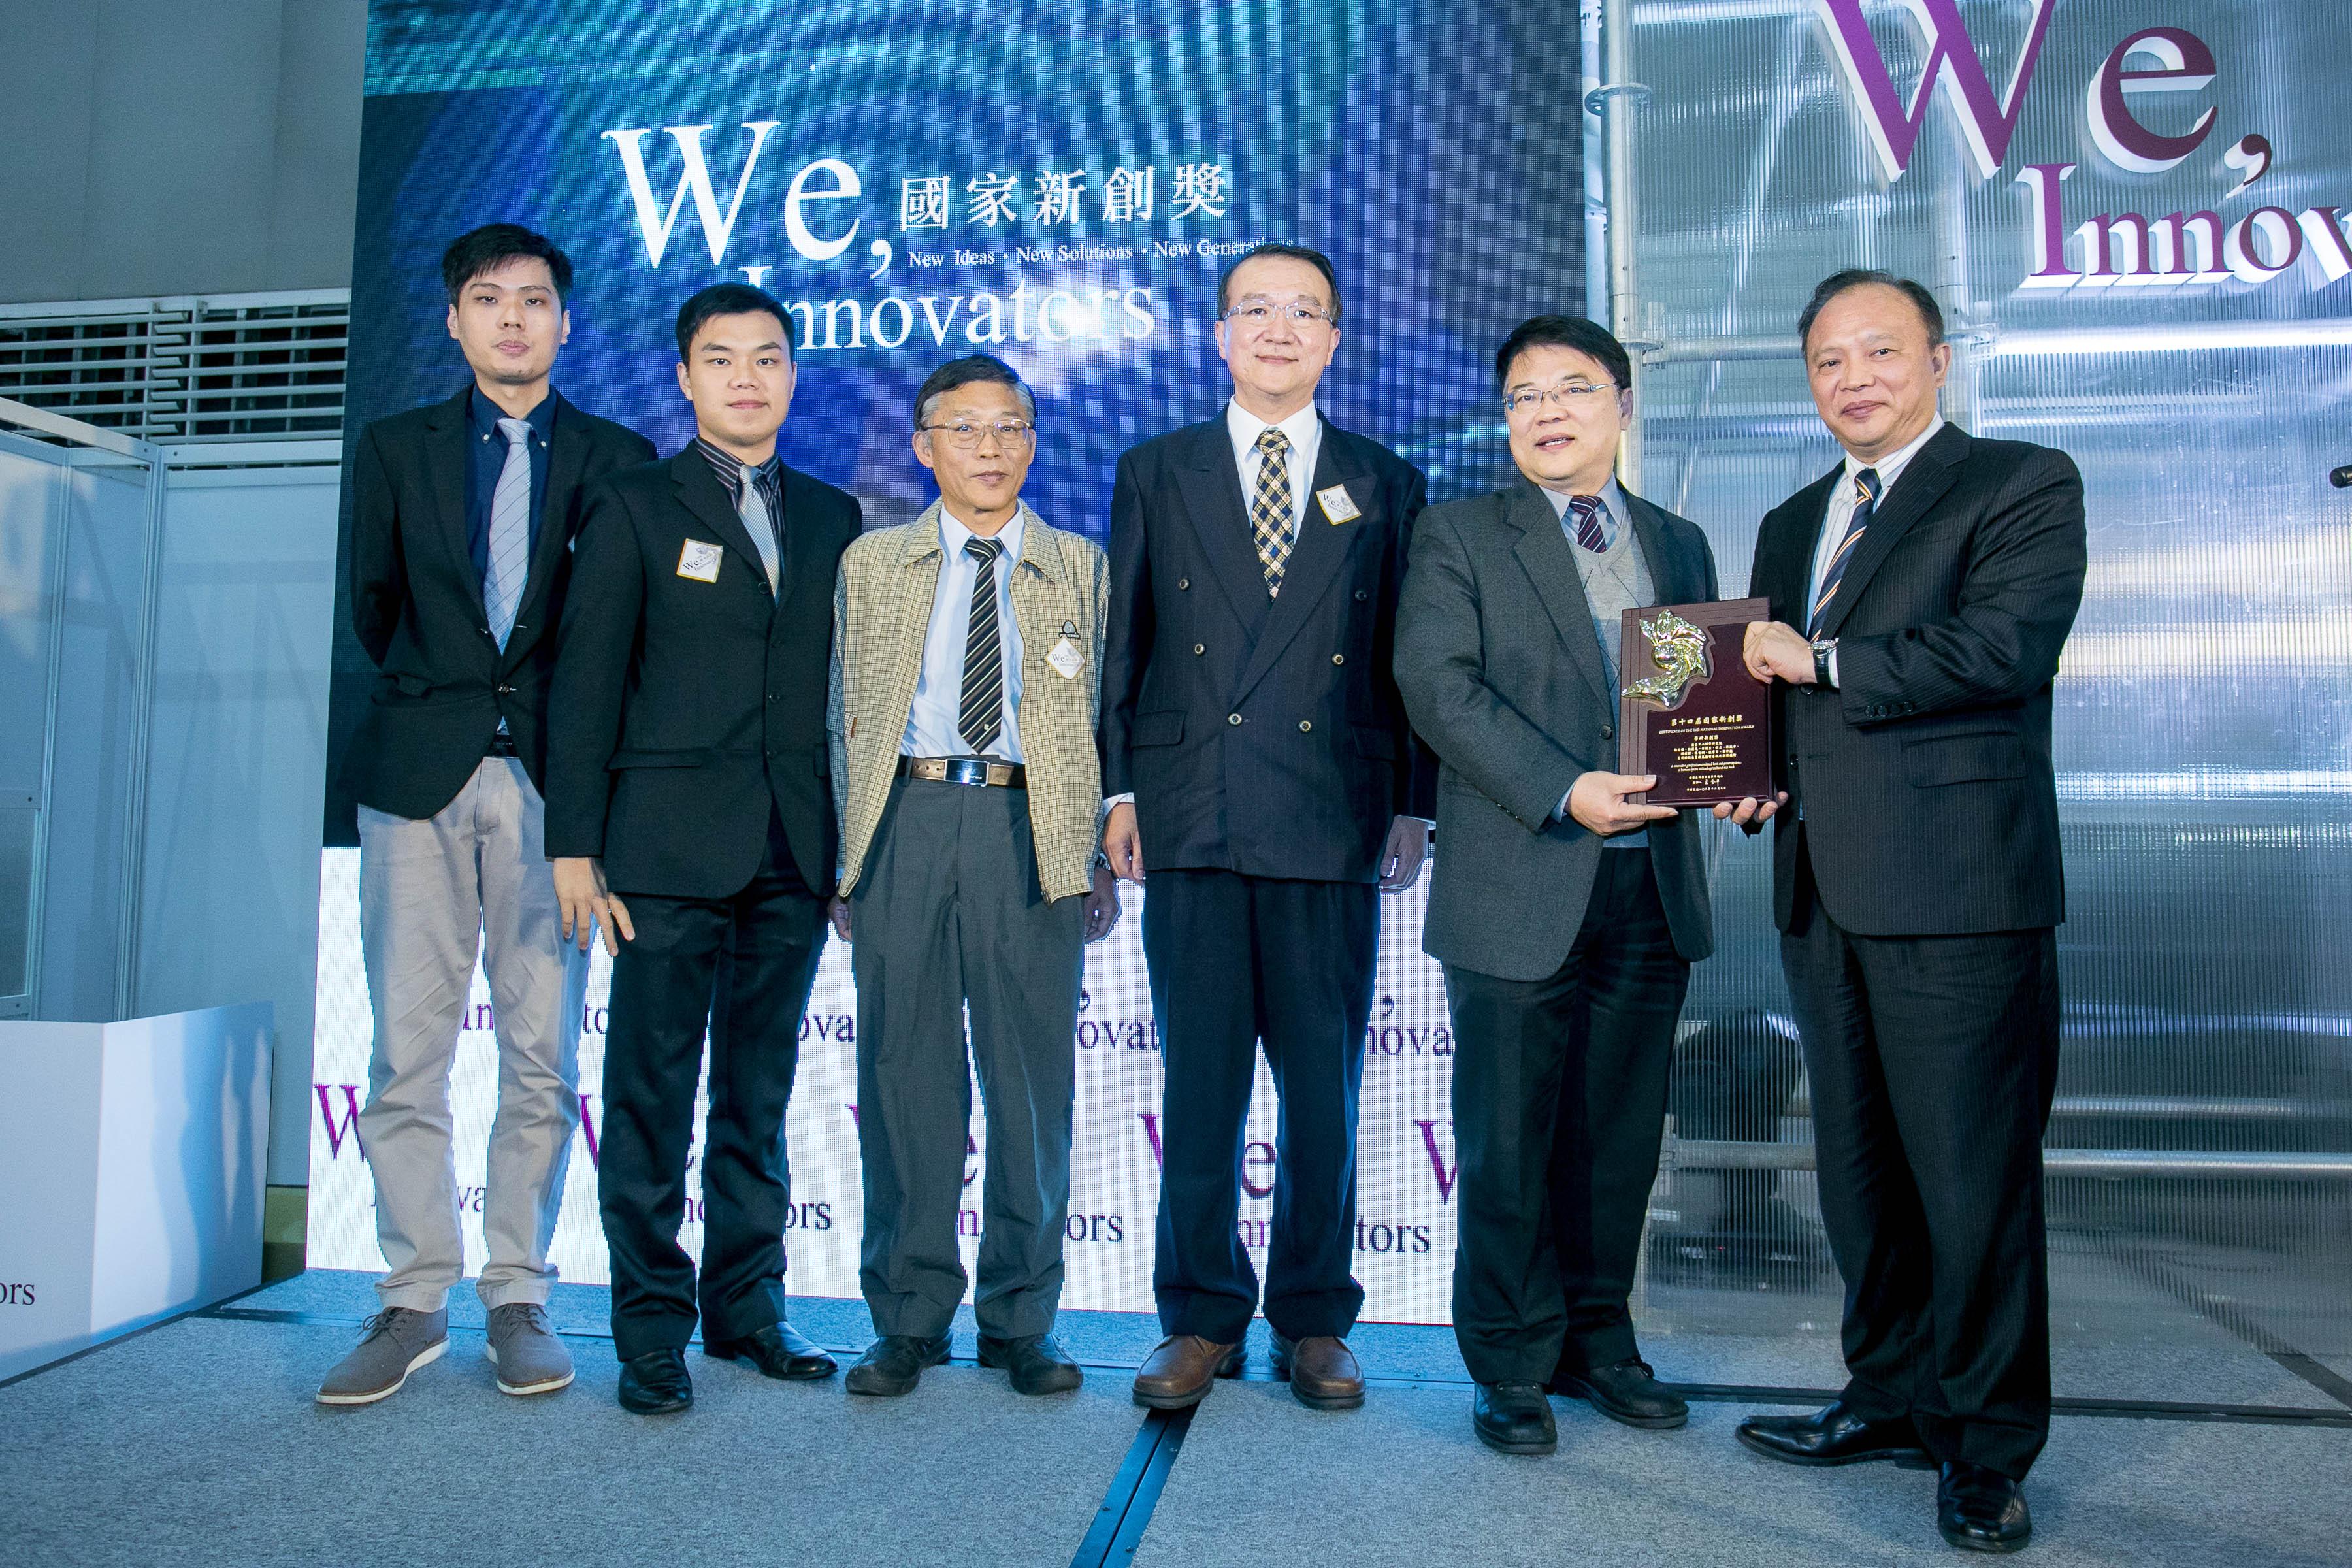 學研新創 綠能及環保科技組獲獎